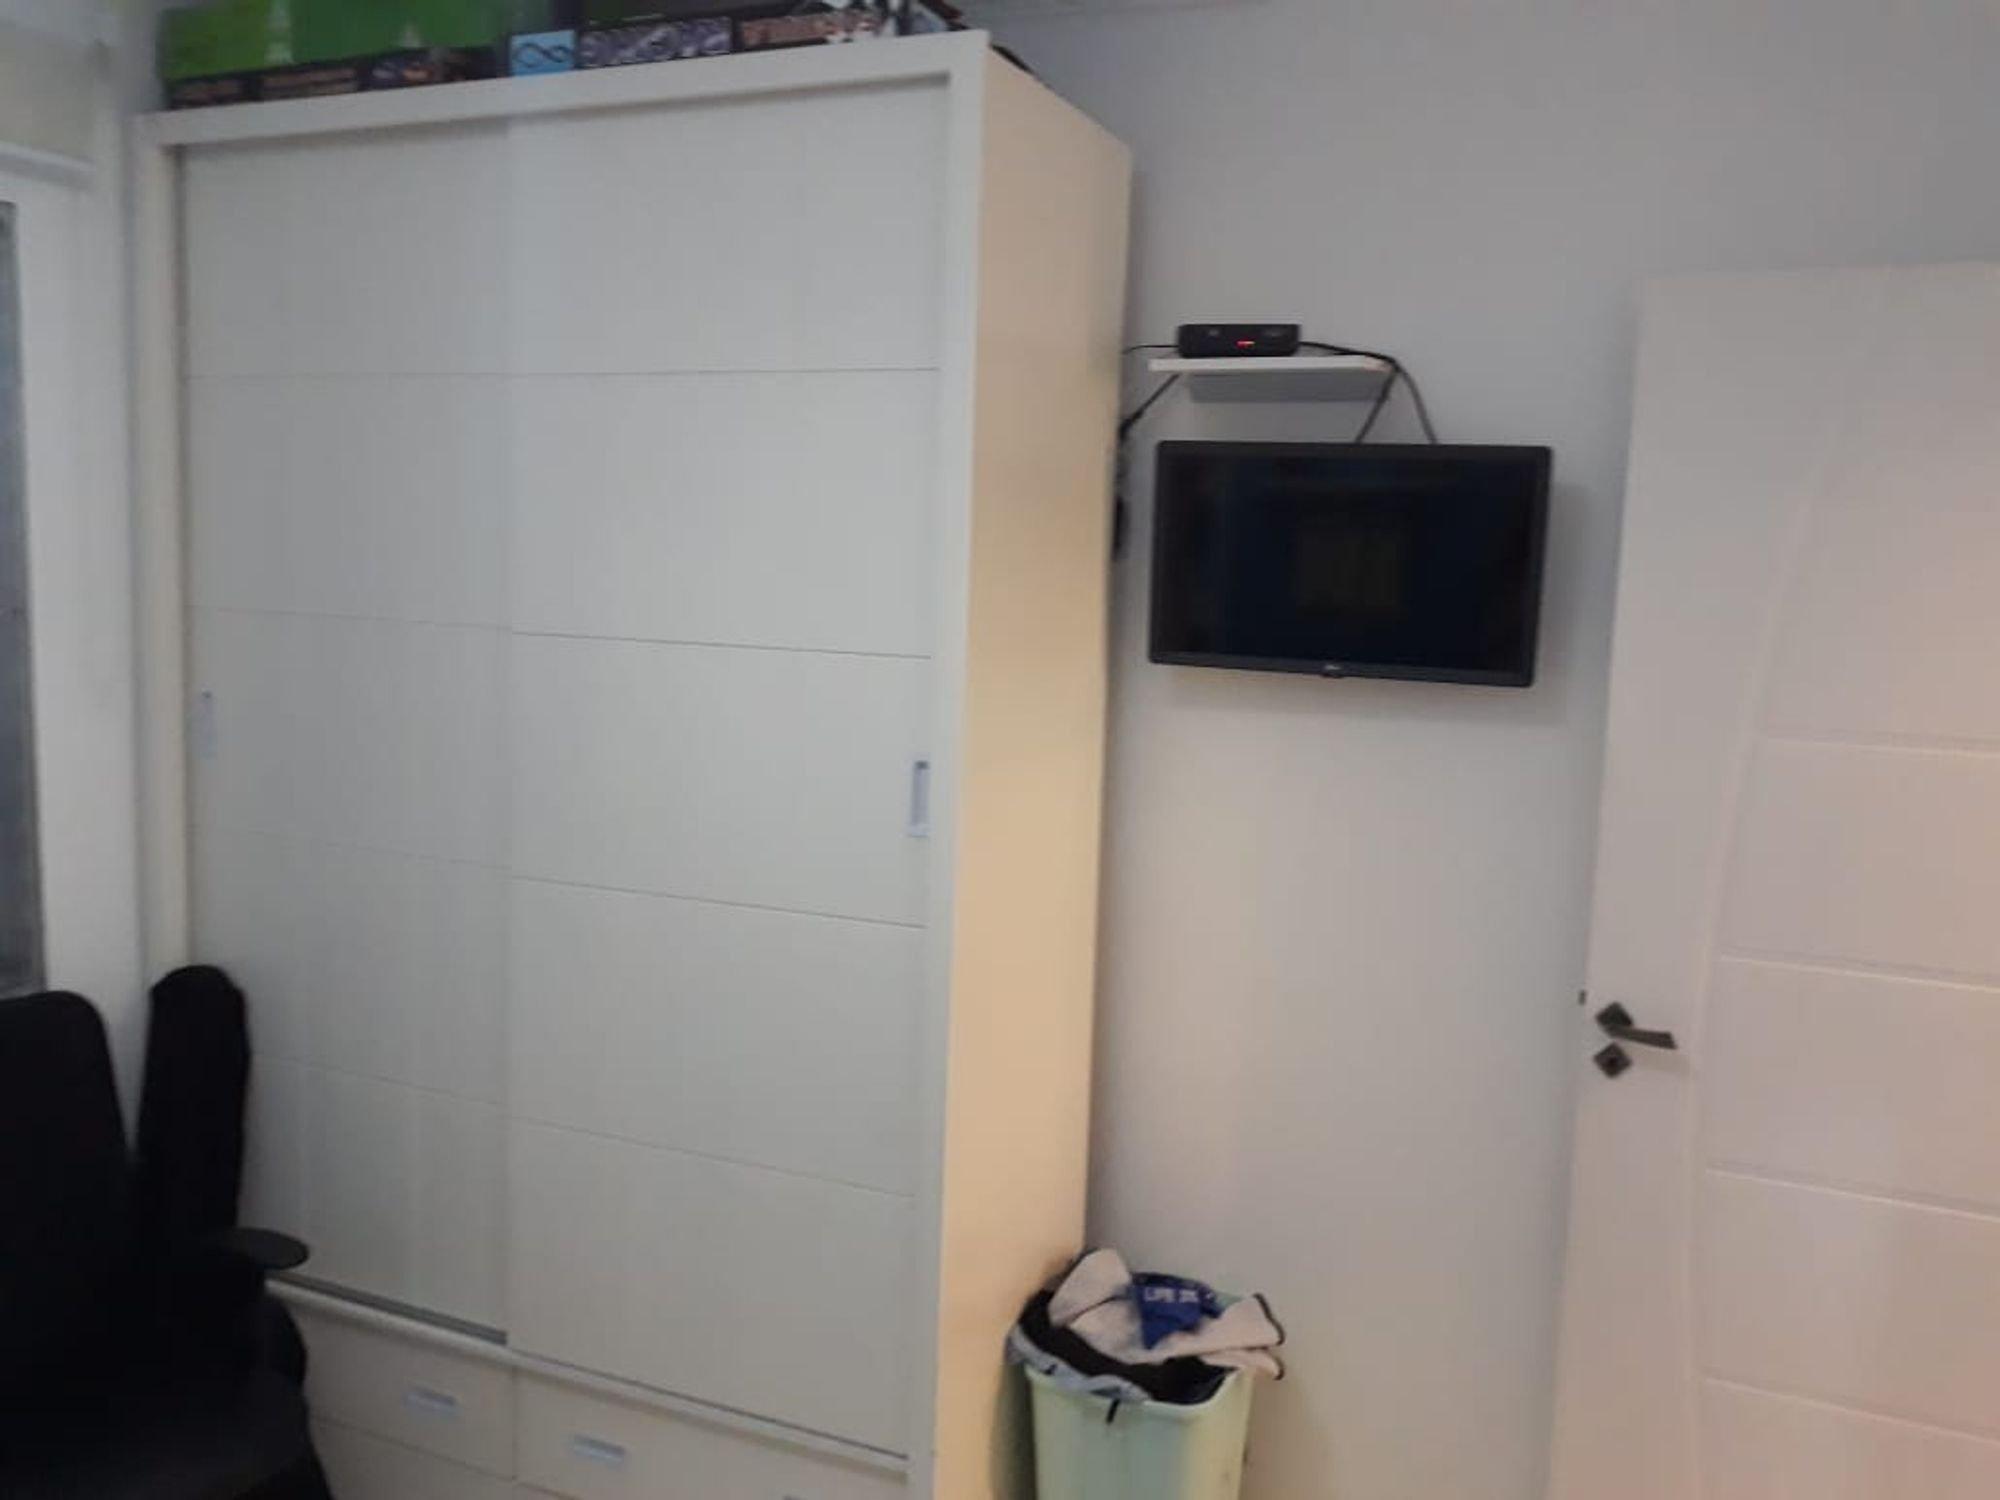 Foto de Banheiro com televisão